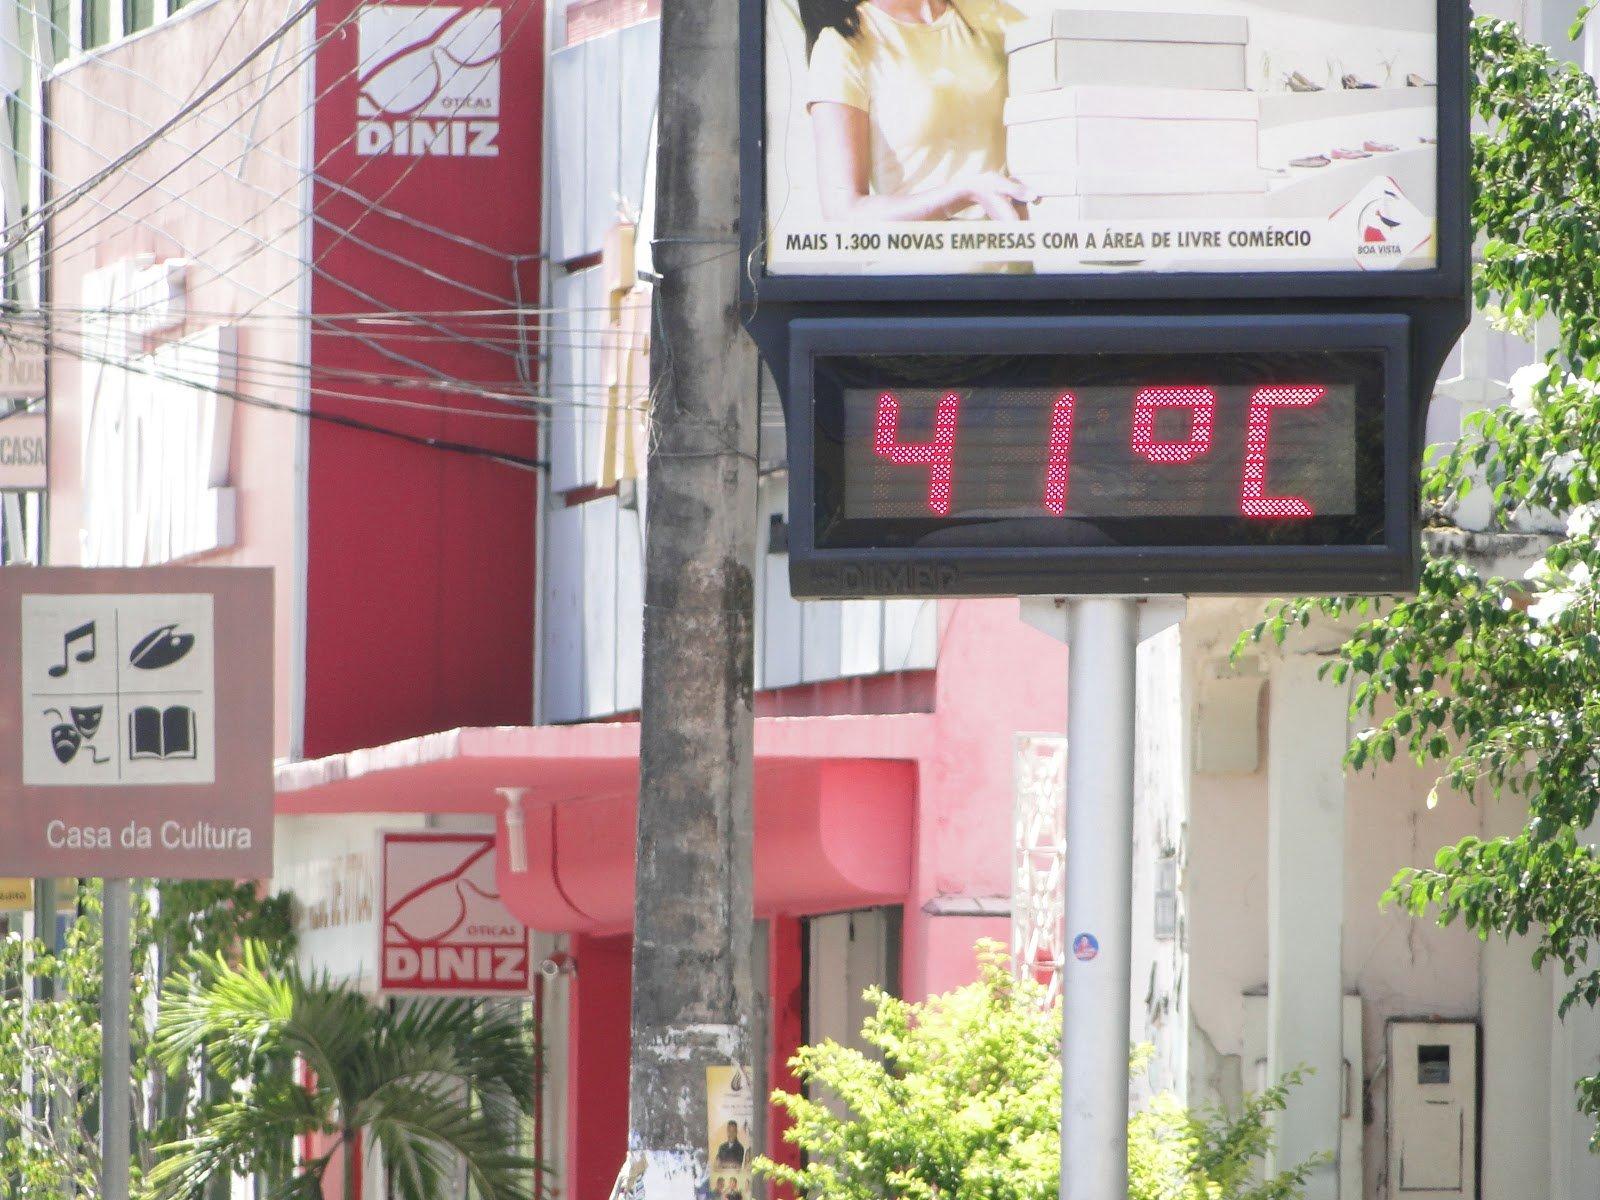 dsc04505.jpg?resize=1200,630 - Ondas letais de calor devem castigar a Terra até 2100